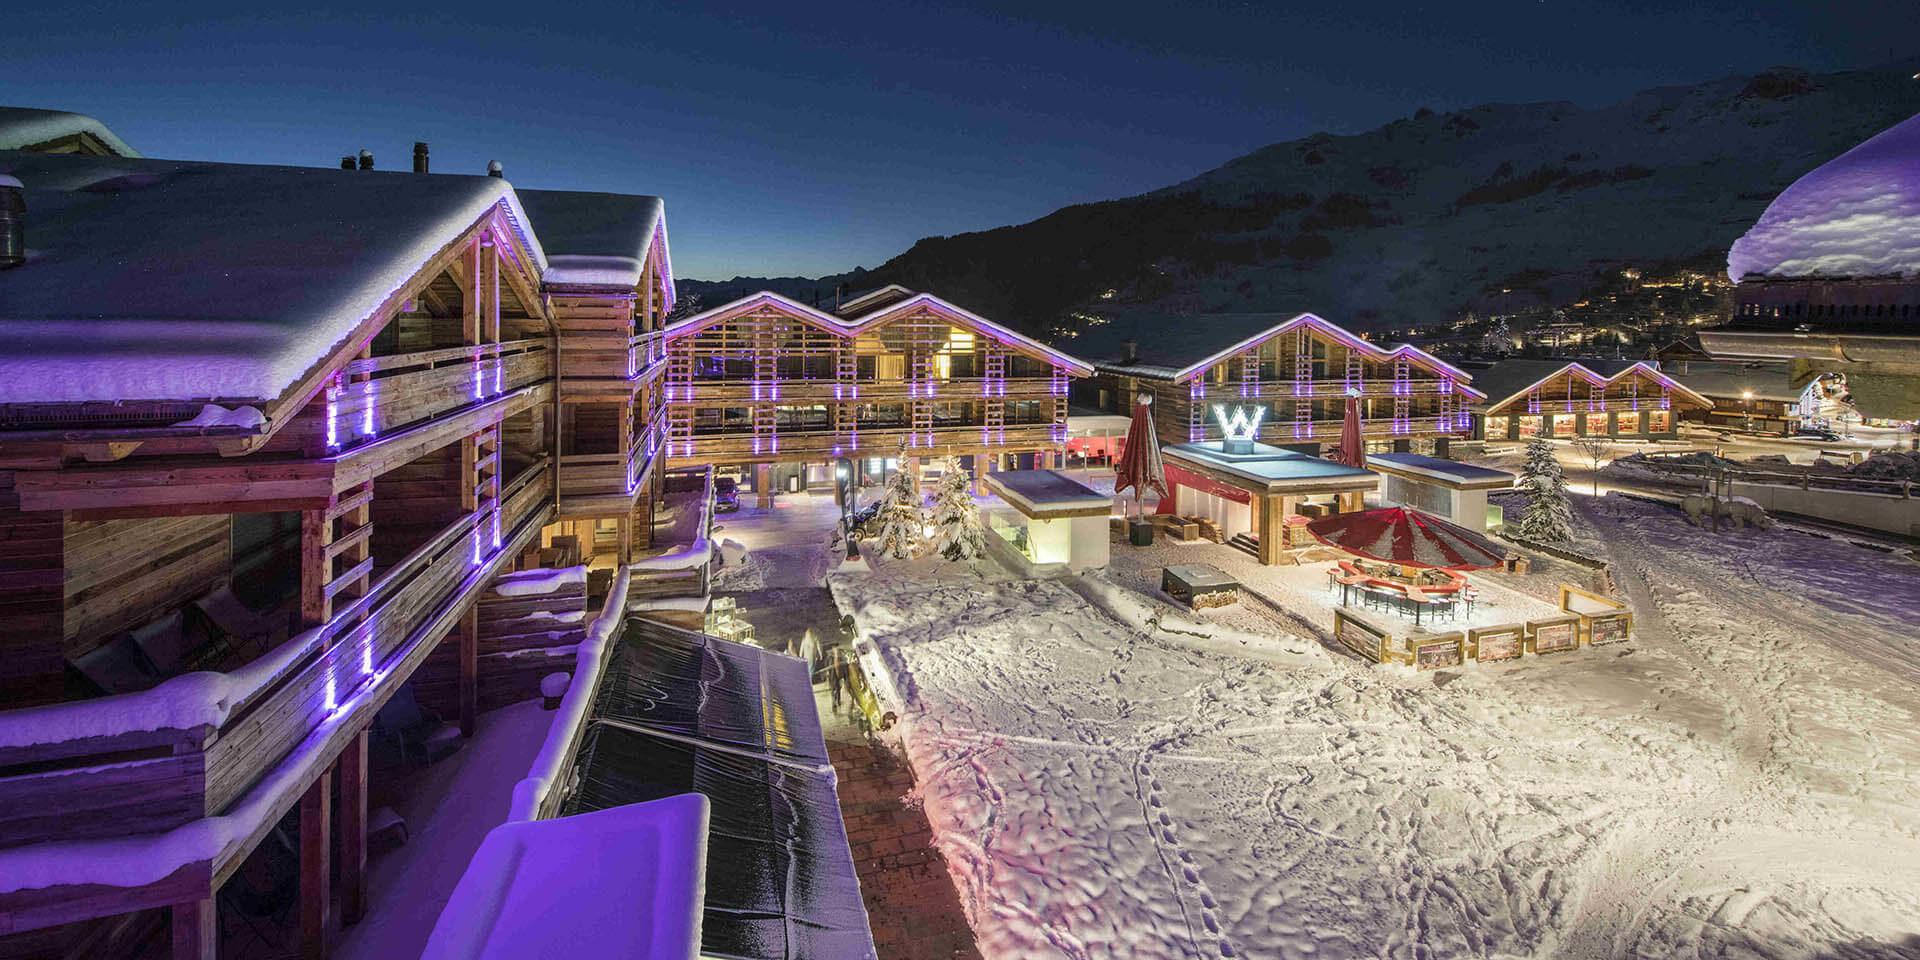 Appartement Place Blanche Verbier Les 4 Vallees Zwitserland wintersport skivakantie luxe uitzicht doprsplein sneeuw verlichting bergen